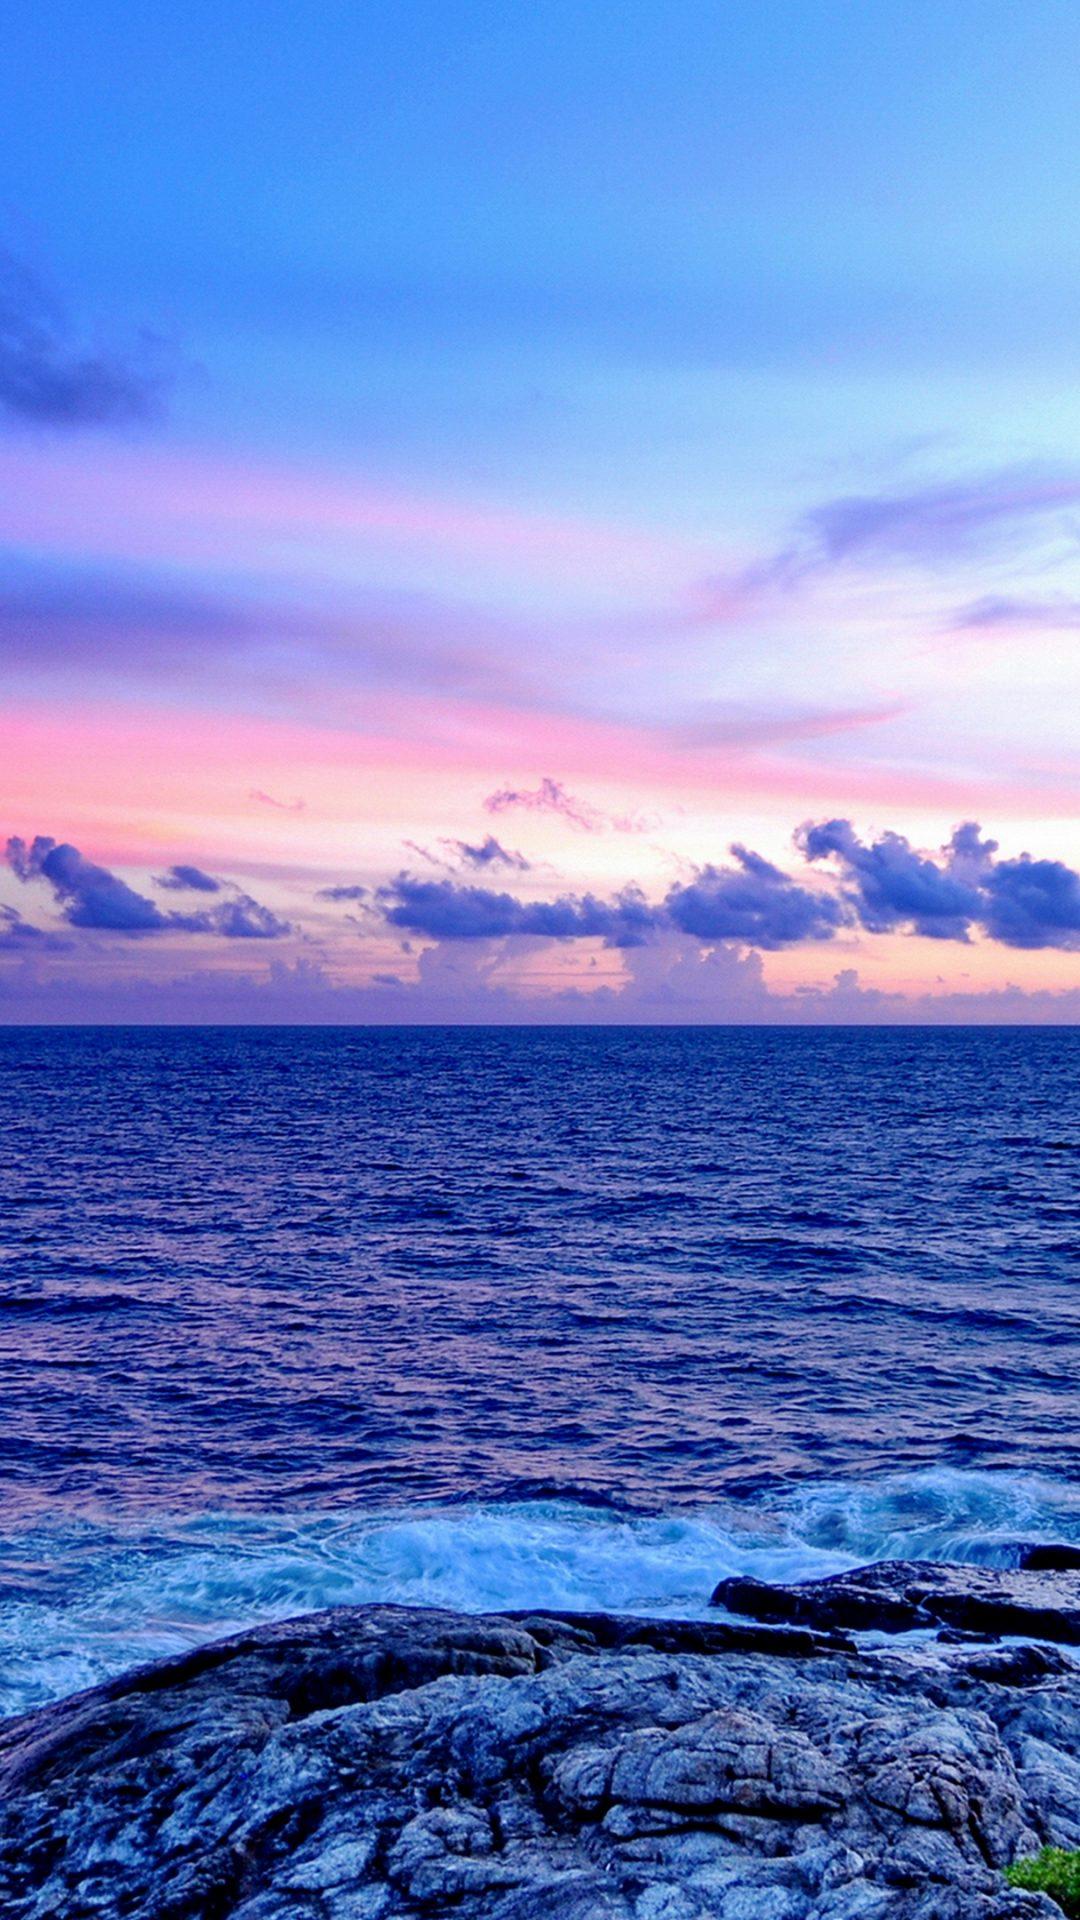 Blue Sea Wallpaper 4k  Hd Wallpaper Background